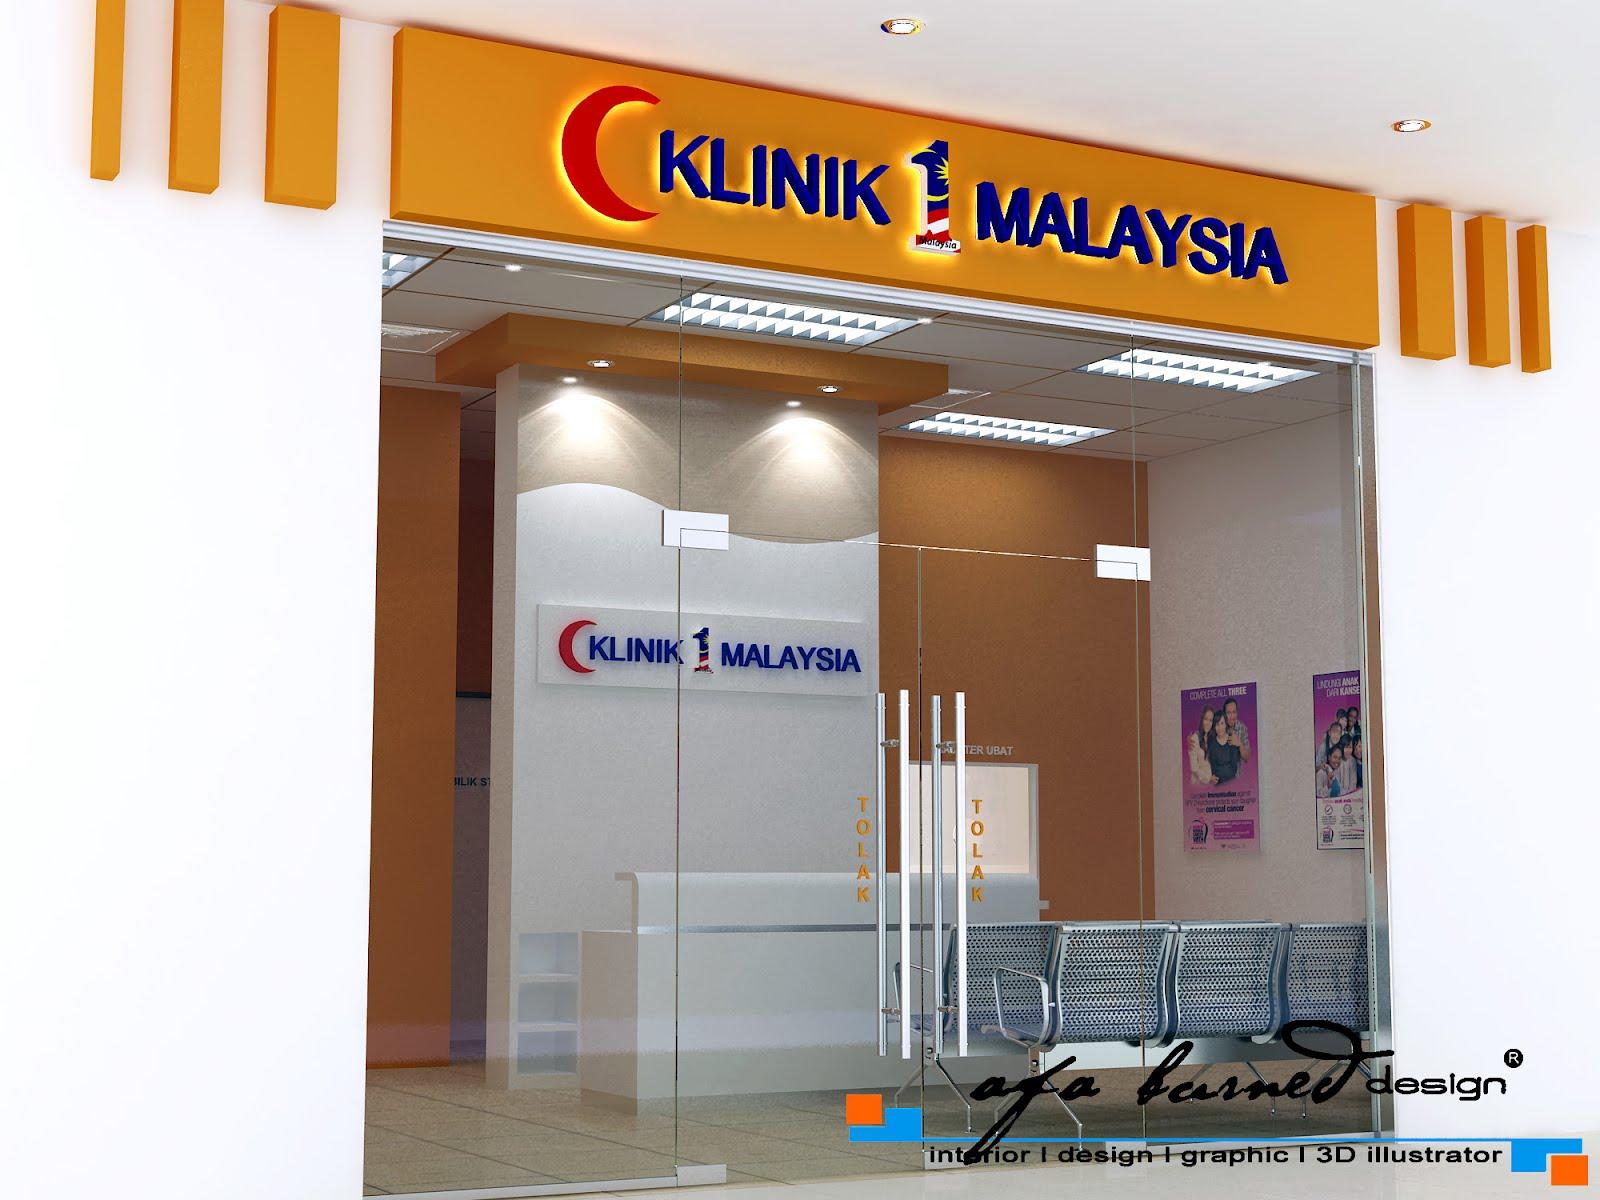 konsep klinik satu malaysia Klinik 1malaysia rm sahaja untuk rawatan secara purata, seramai 151 pesakit menerima rawatan di klinik tersebut setiap hari iaitu melebihi 100 orang yang disasarkan kementerian, liow tiong lai kata.